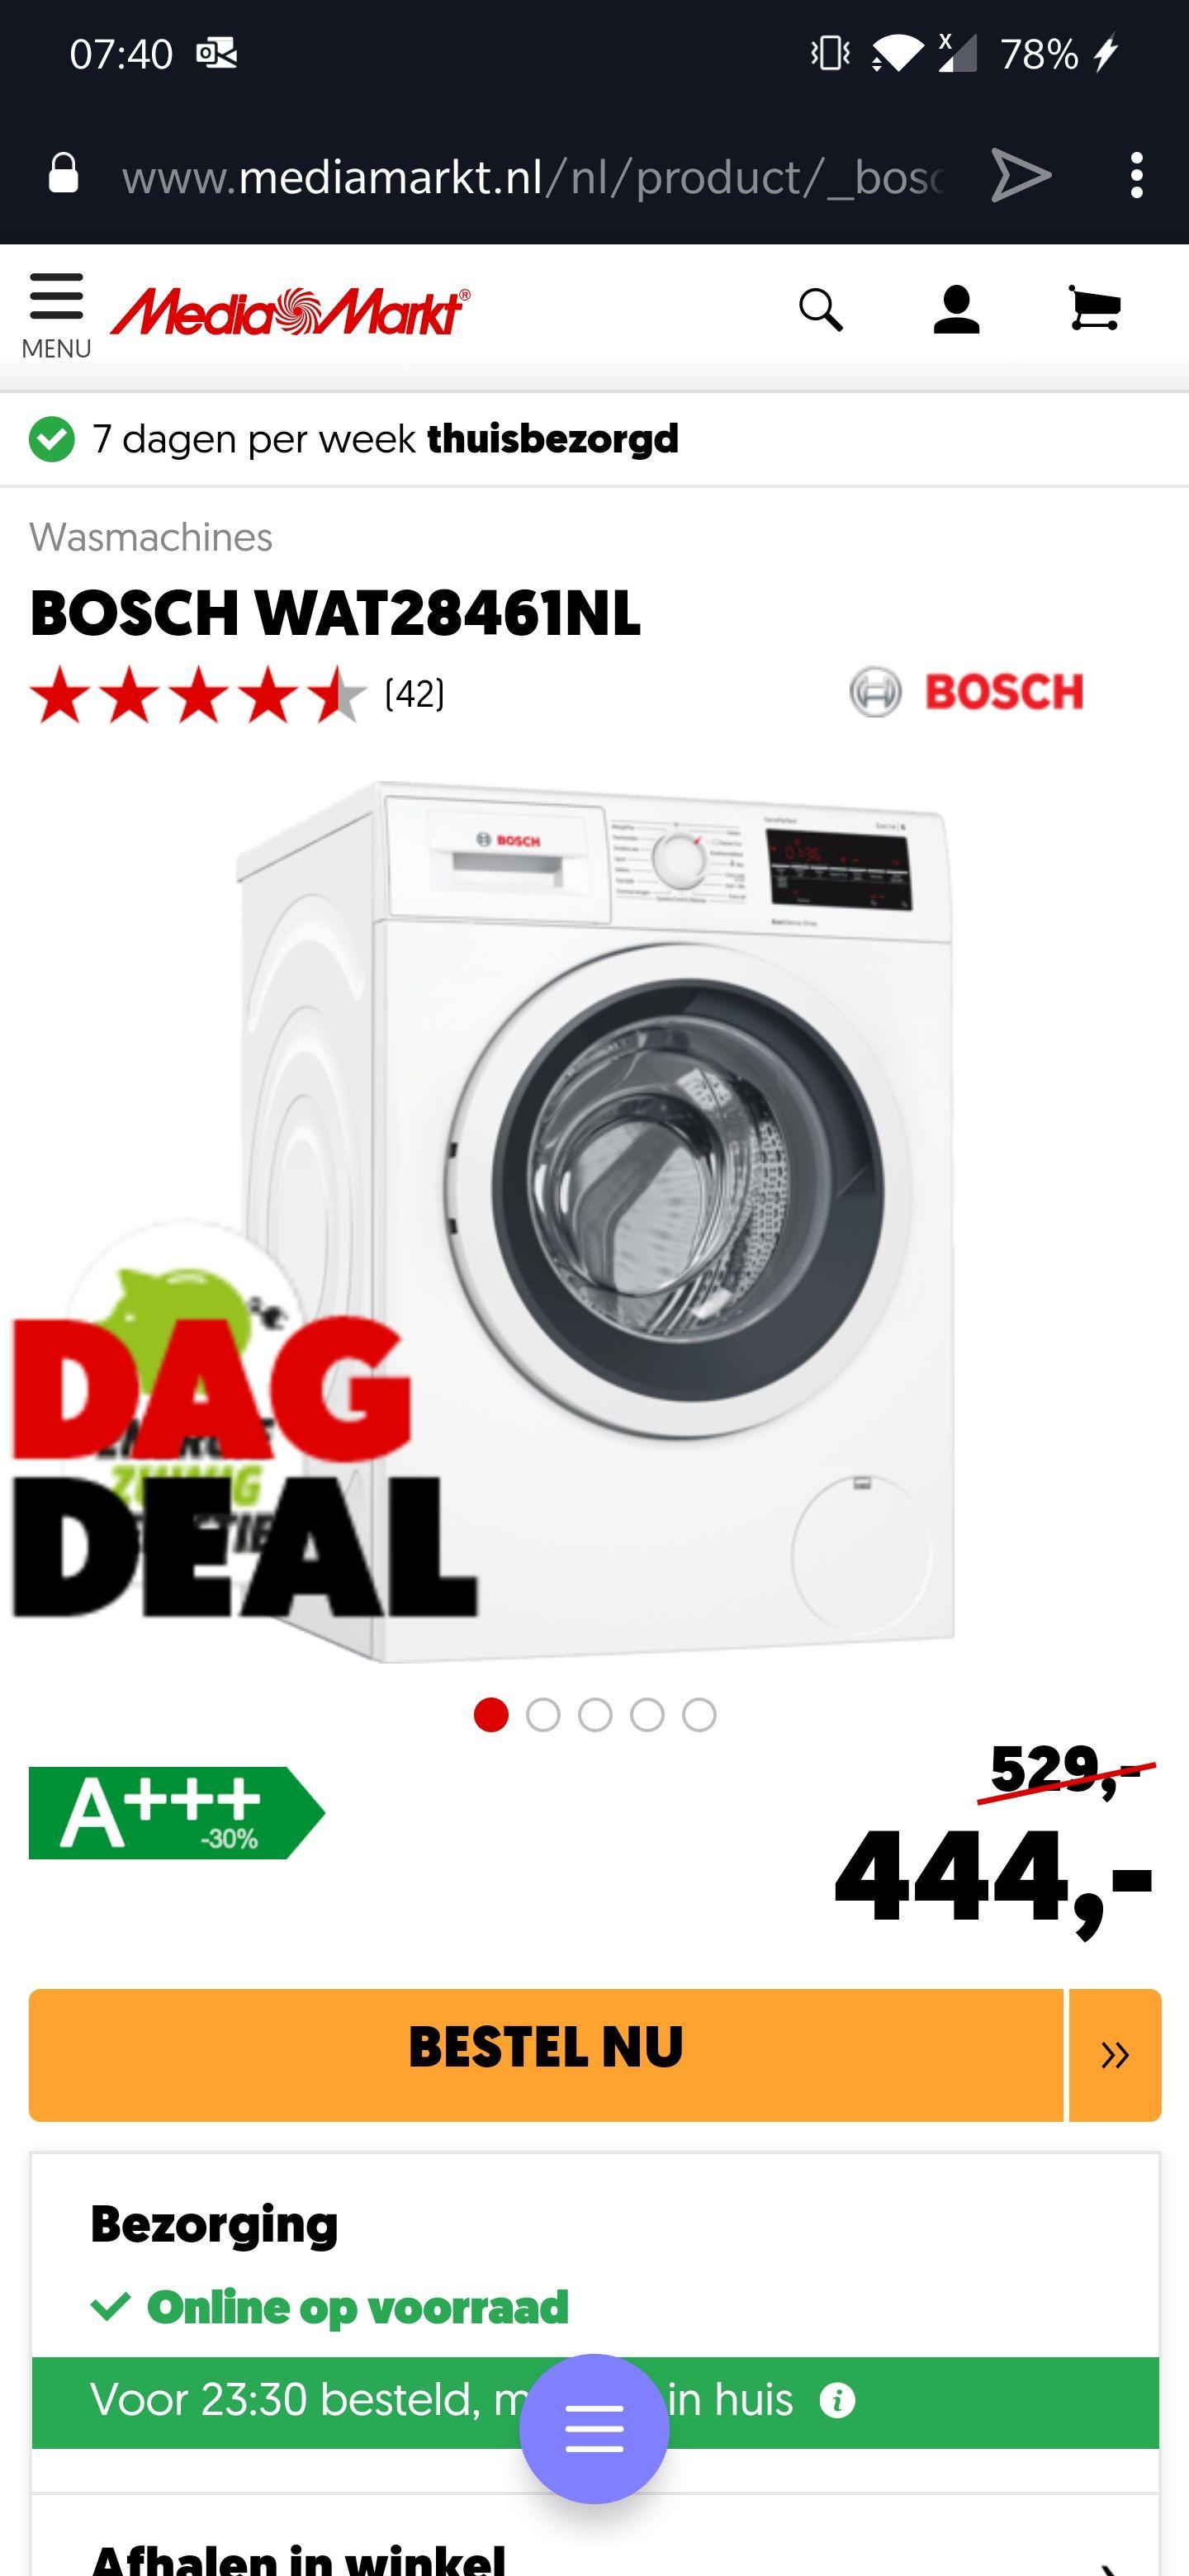 Bosch WAT28461NL €444